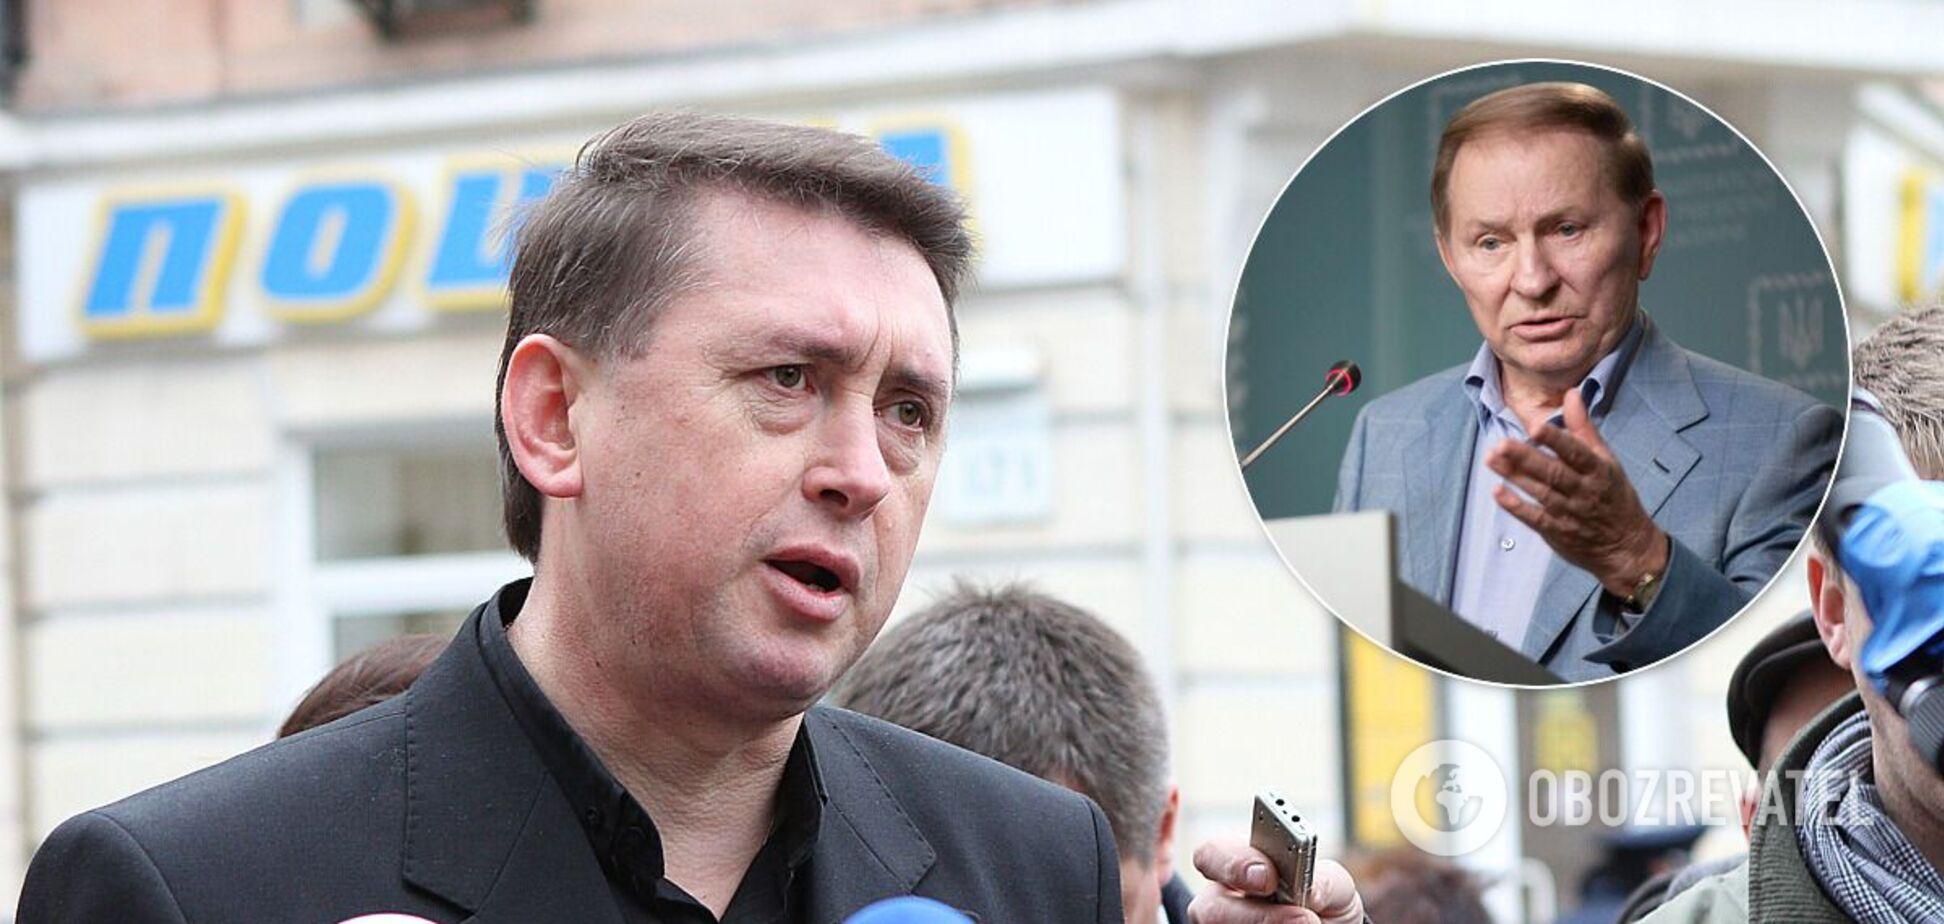 Майор СБУ Микола Мельниченко стверджував, що протягом двох років він таємно записував усі розмови президента Кучми